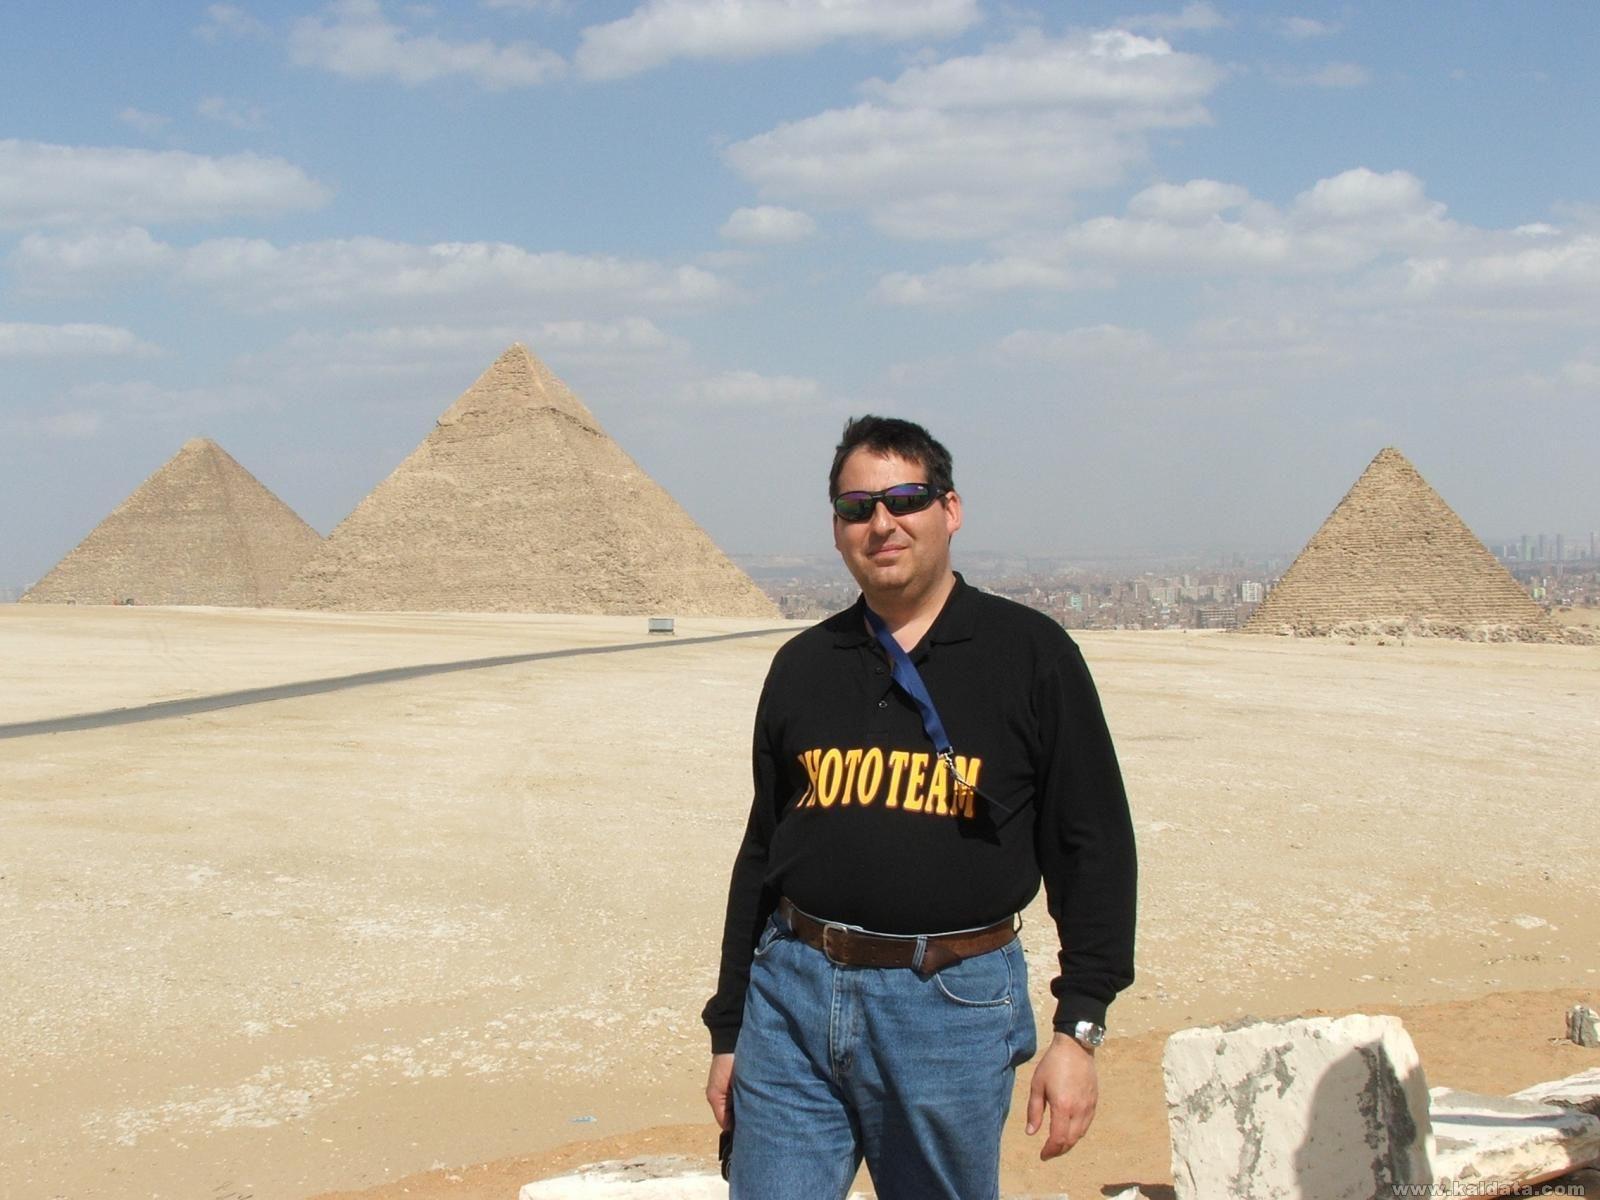 EGYPT0008.JPG